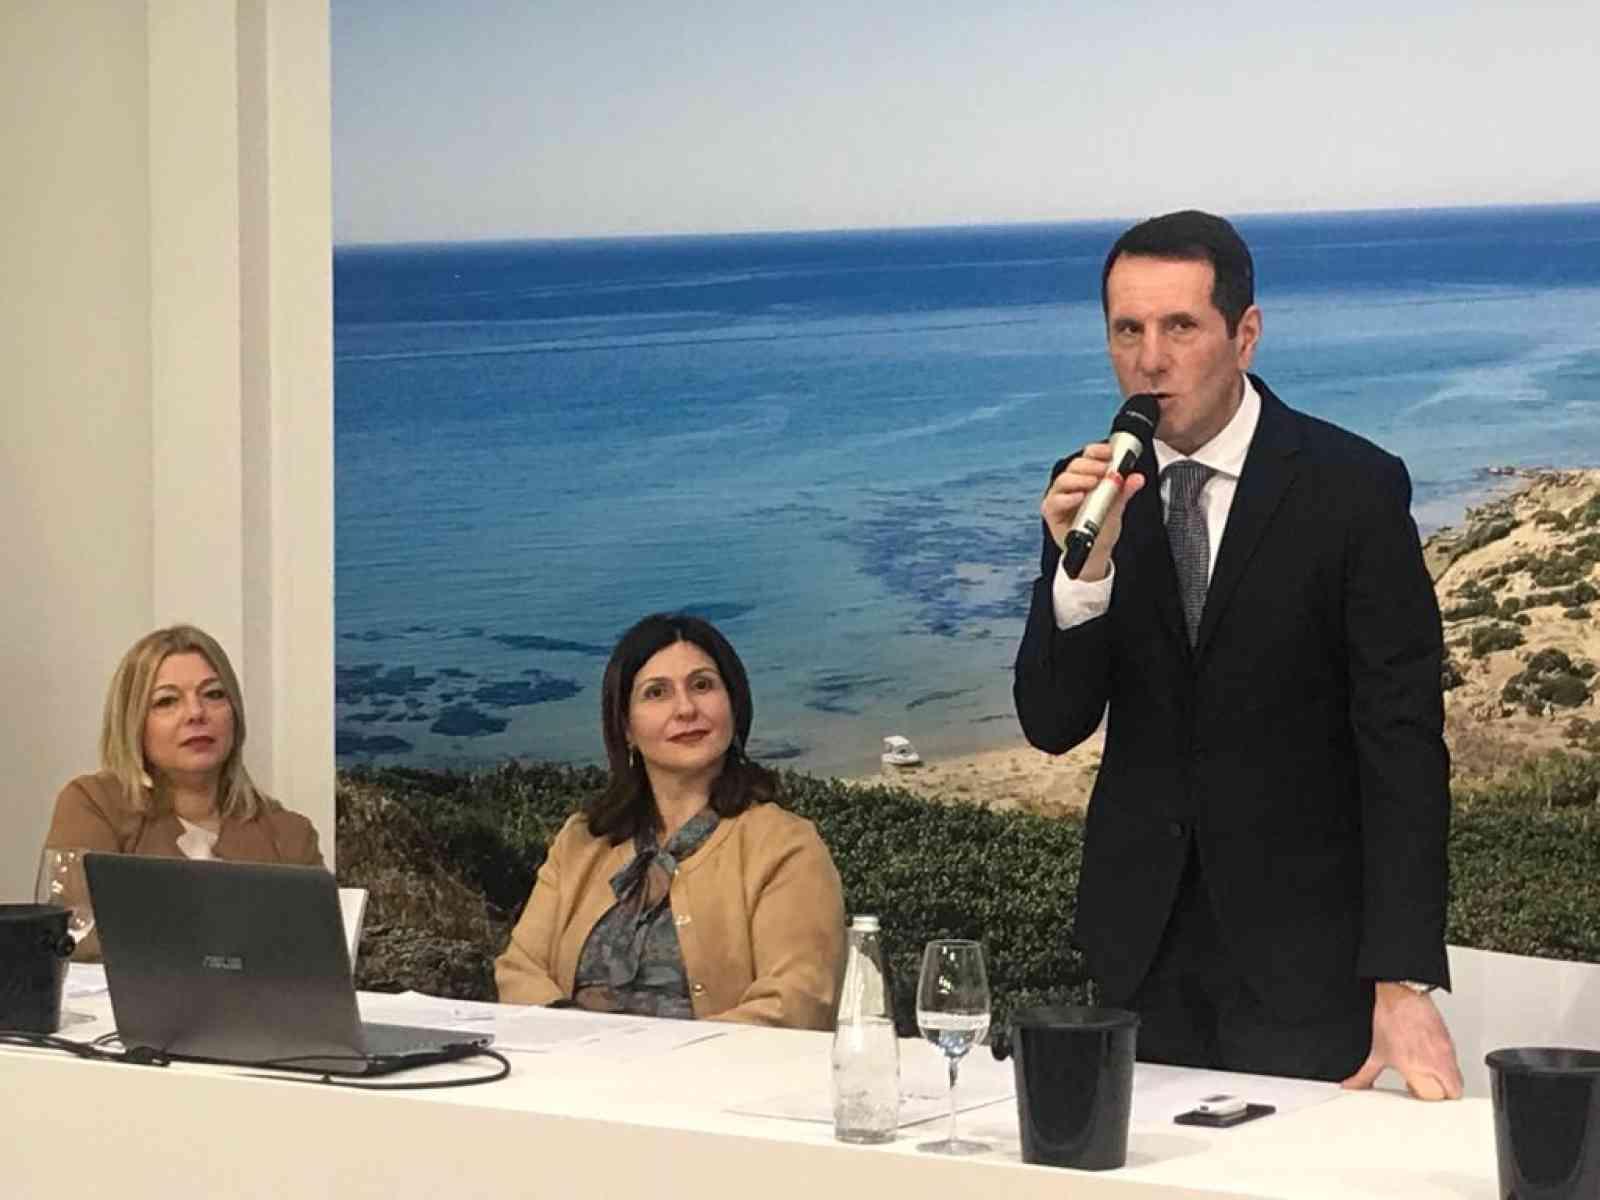 Immagine articolo: Menfi e Inycon presenti al Vinitaly di Verona. Successo di pubblico alla conferenza stampa di presentazione. Presente anche il Sindaco Mauceri